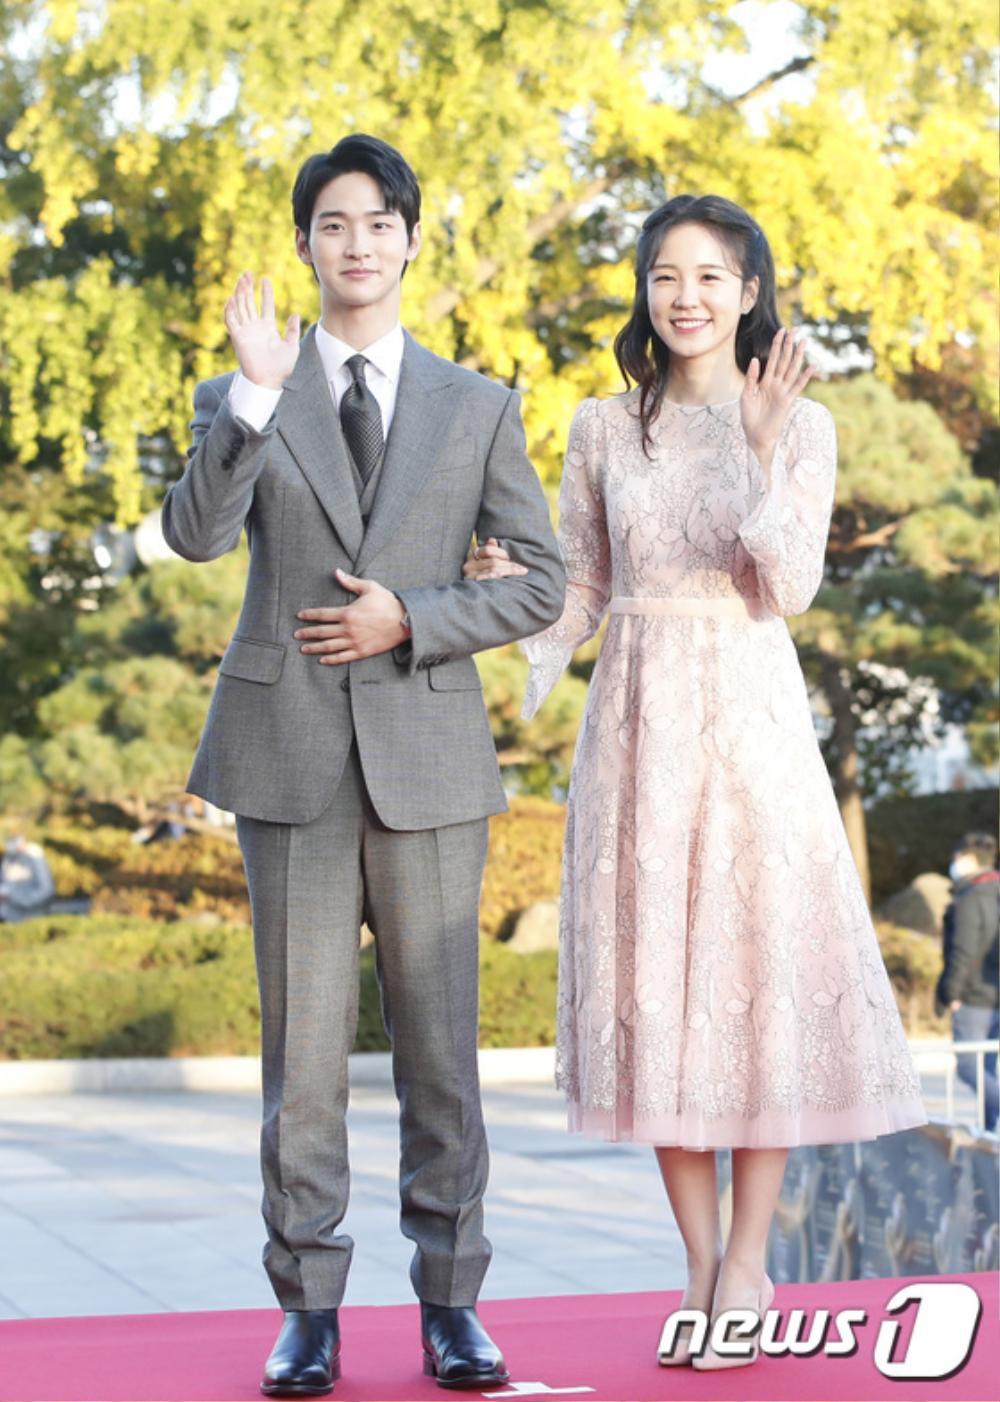 Thảm đỏ hot nhất Hàn Quốc: SEVENTEEN cùng Hyun Bin, Gong Hyo Jin, Kim Hee Ae và Kang Ha Neul gây sốt Ảnh 32